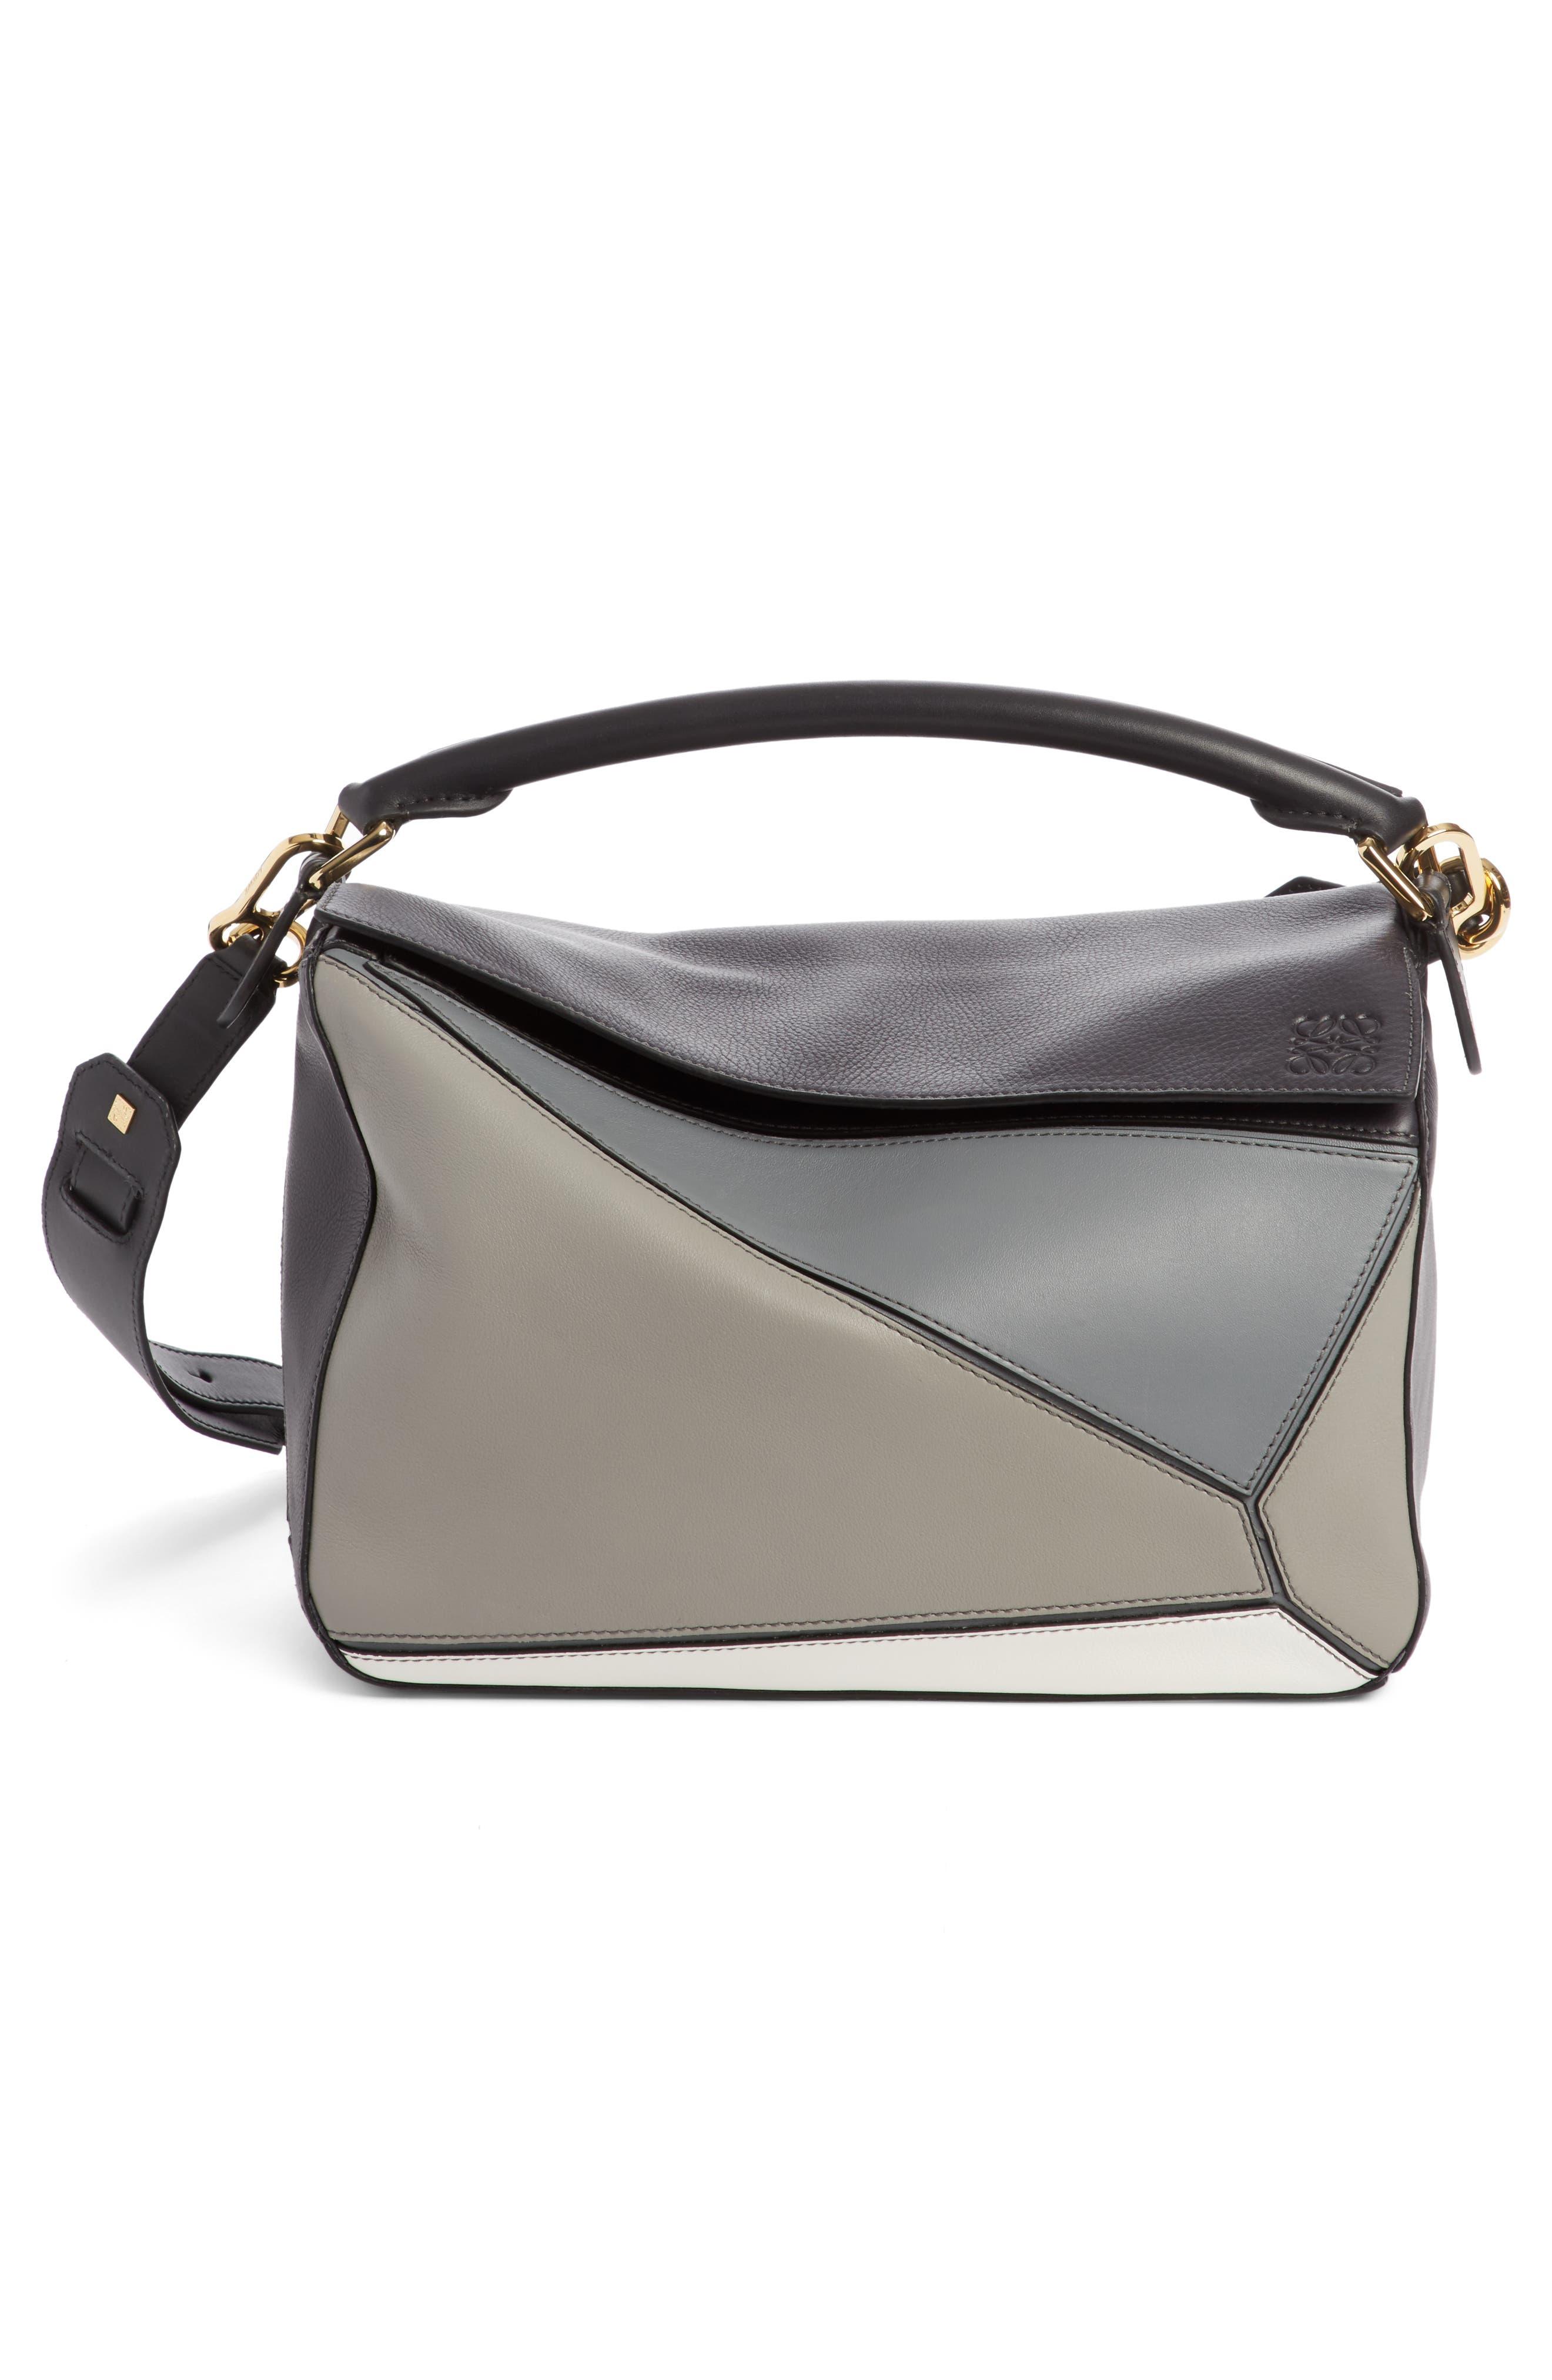 Medium Puzzle Colorblock Leather Shoulder Bag,                             Alternate thumbnail 2, color,                             070